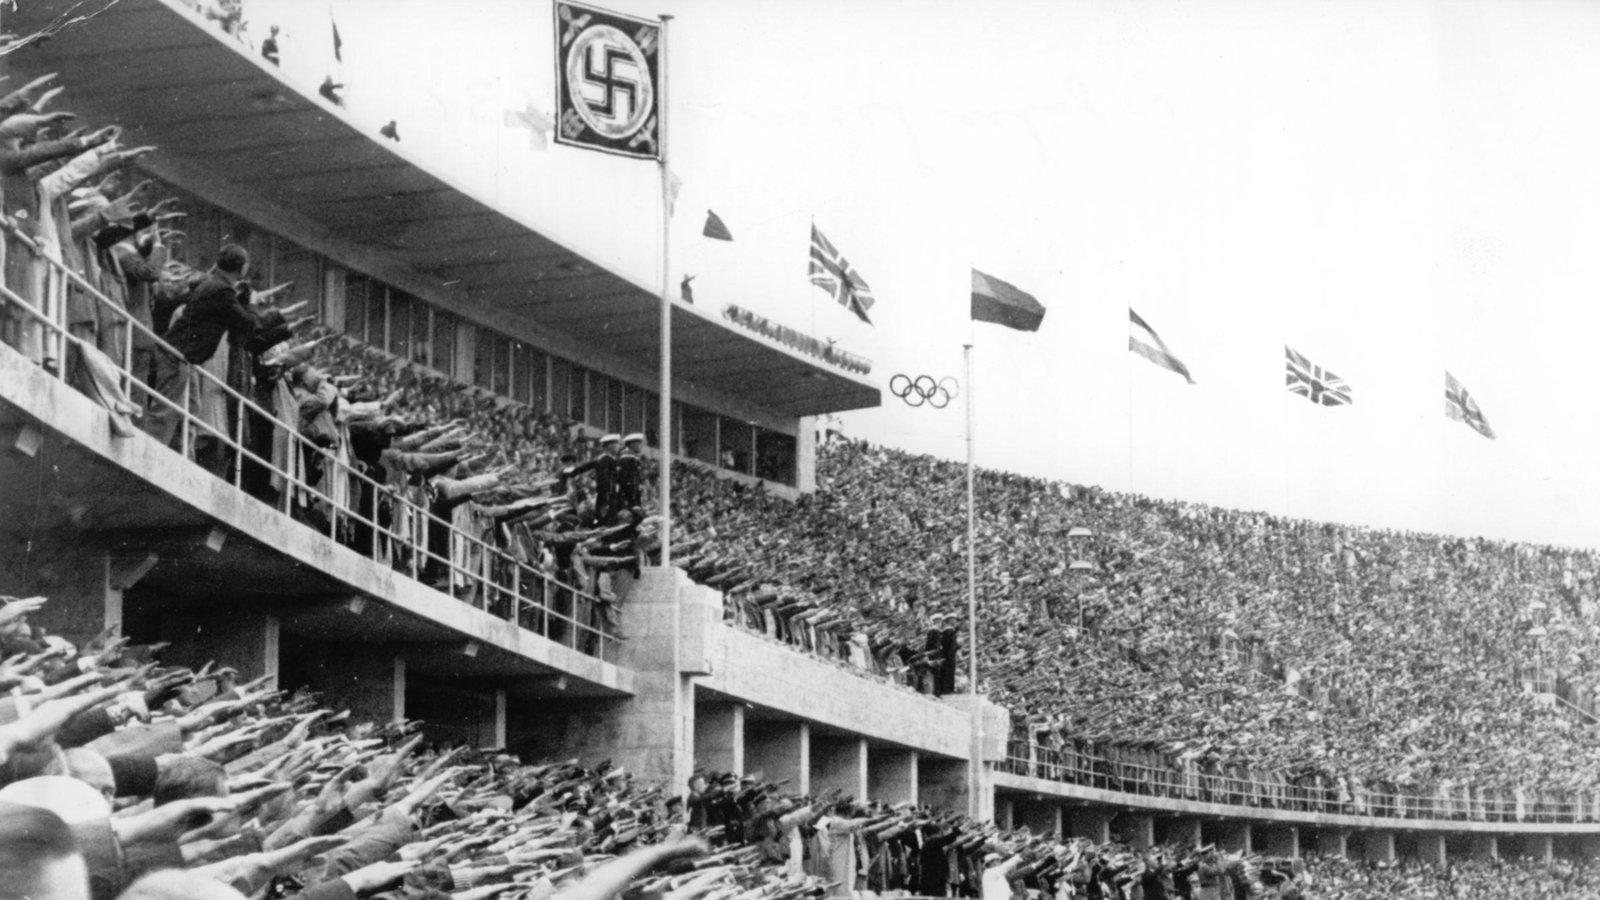 stichtag 1 august 1936 hitler er ffnet die olympischen spiele in berlin stichtag wdr. Black Bedroom Furniture Sets. Home Design Ideas